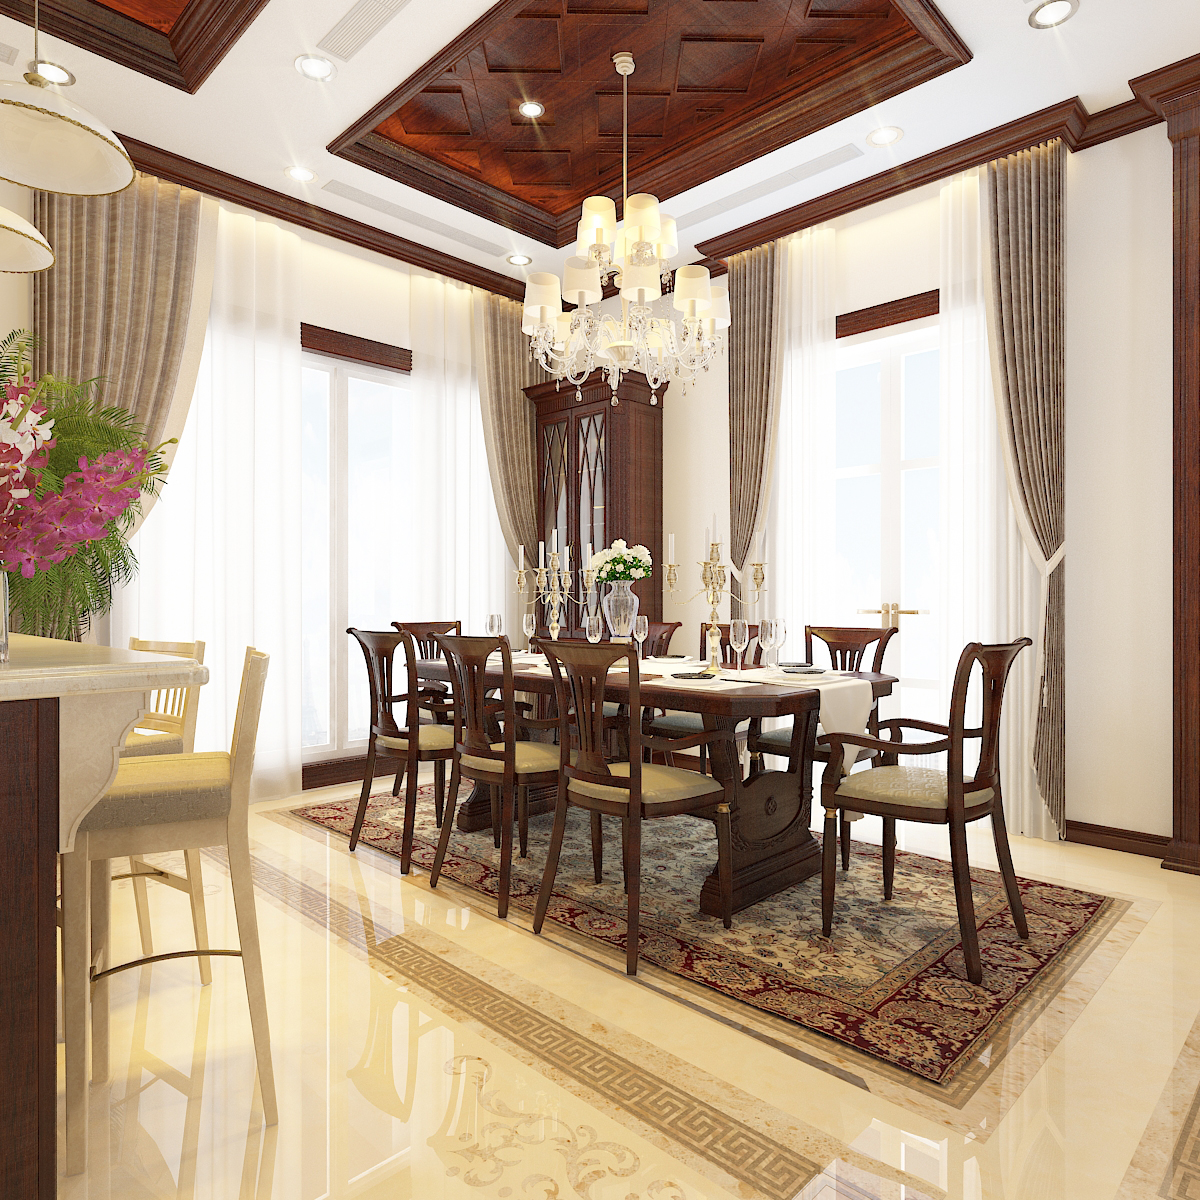 thiết kế nội thất Biệt Thự tại Hà Nội bt Vinhomes - riverside 22 1568276268